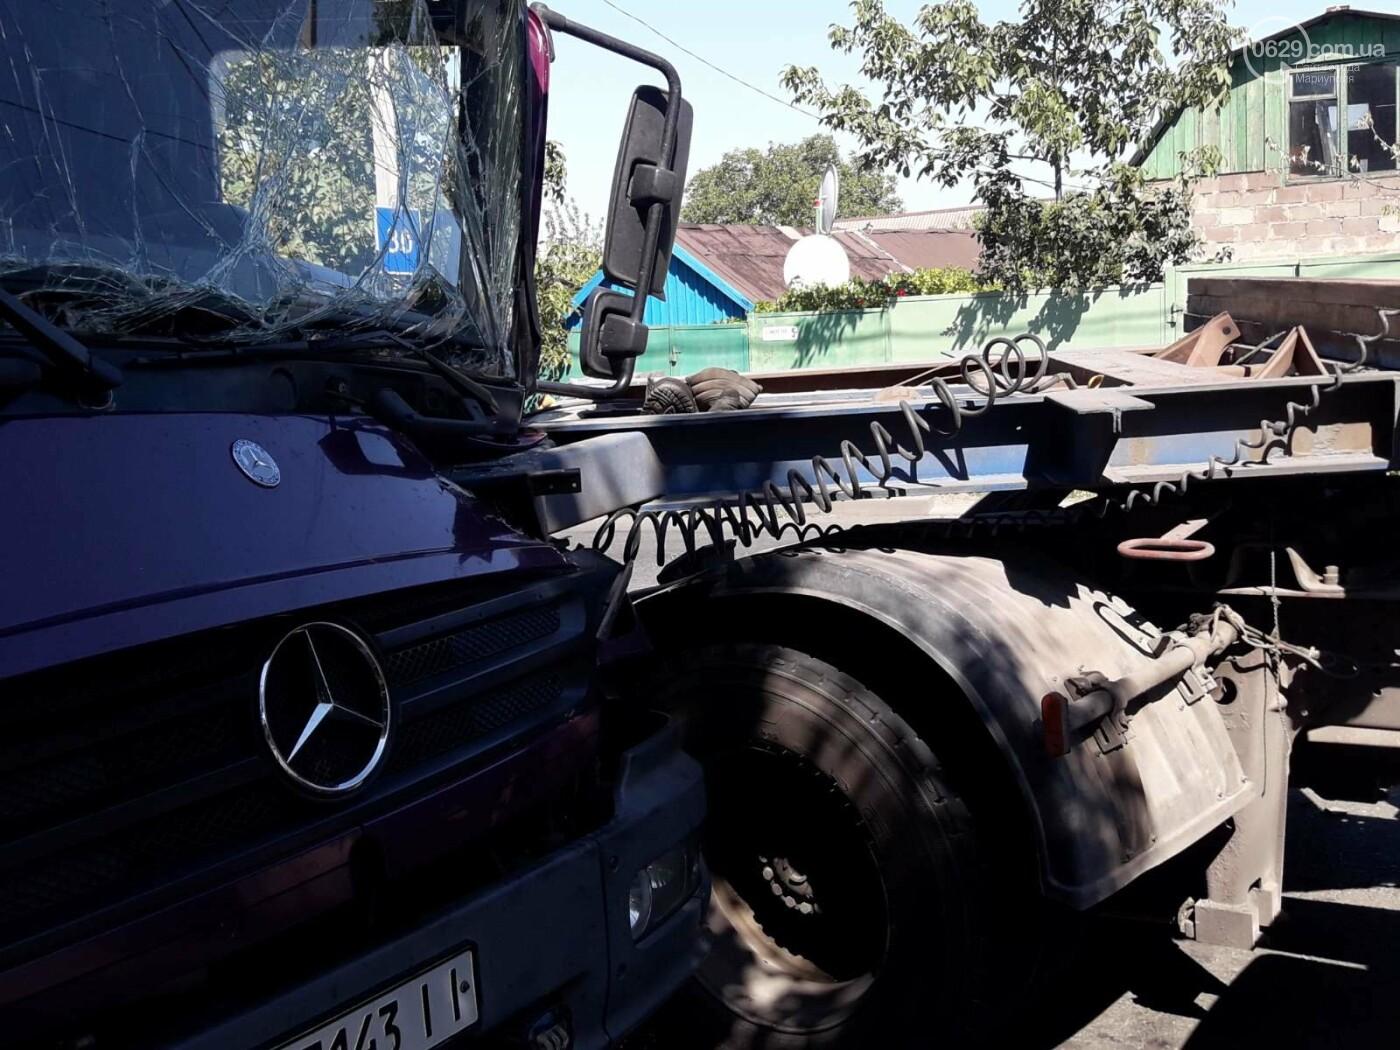 ДТП в Мариуполе: столкнулись два грузовика и перекрыли дорогу, - ФОТО, ВИДЕО, фото-3